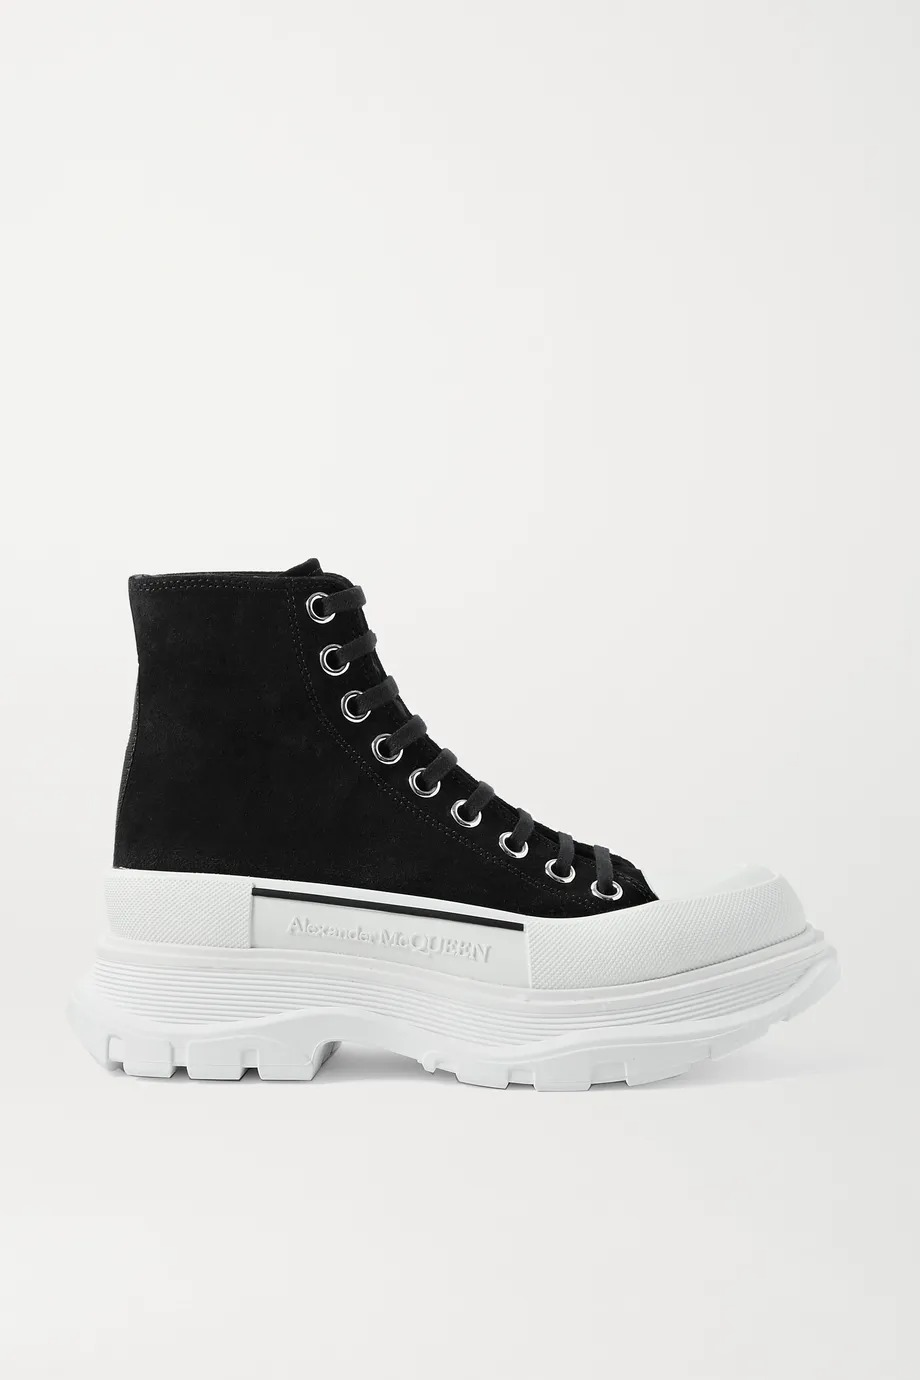 绒面革橡胶超厚底踝靴 多色可选